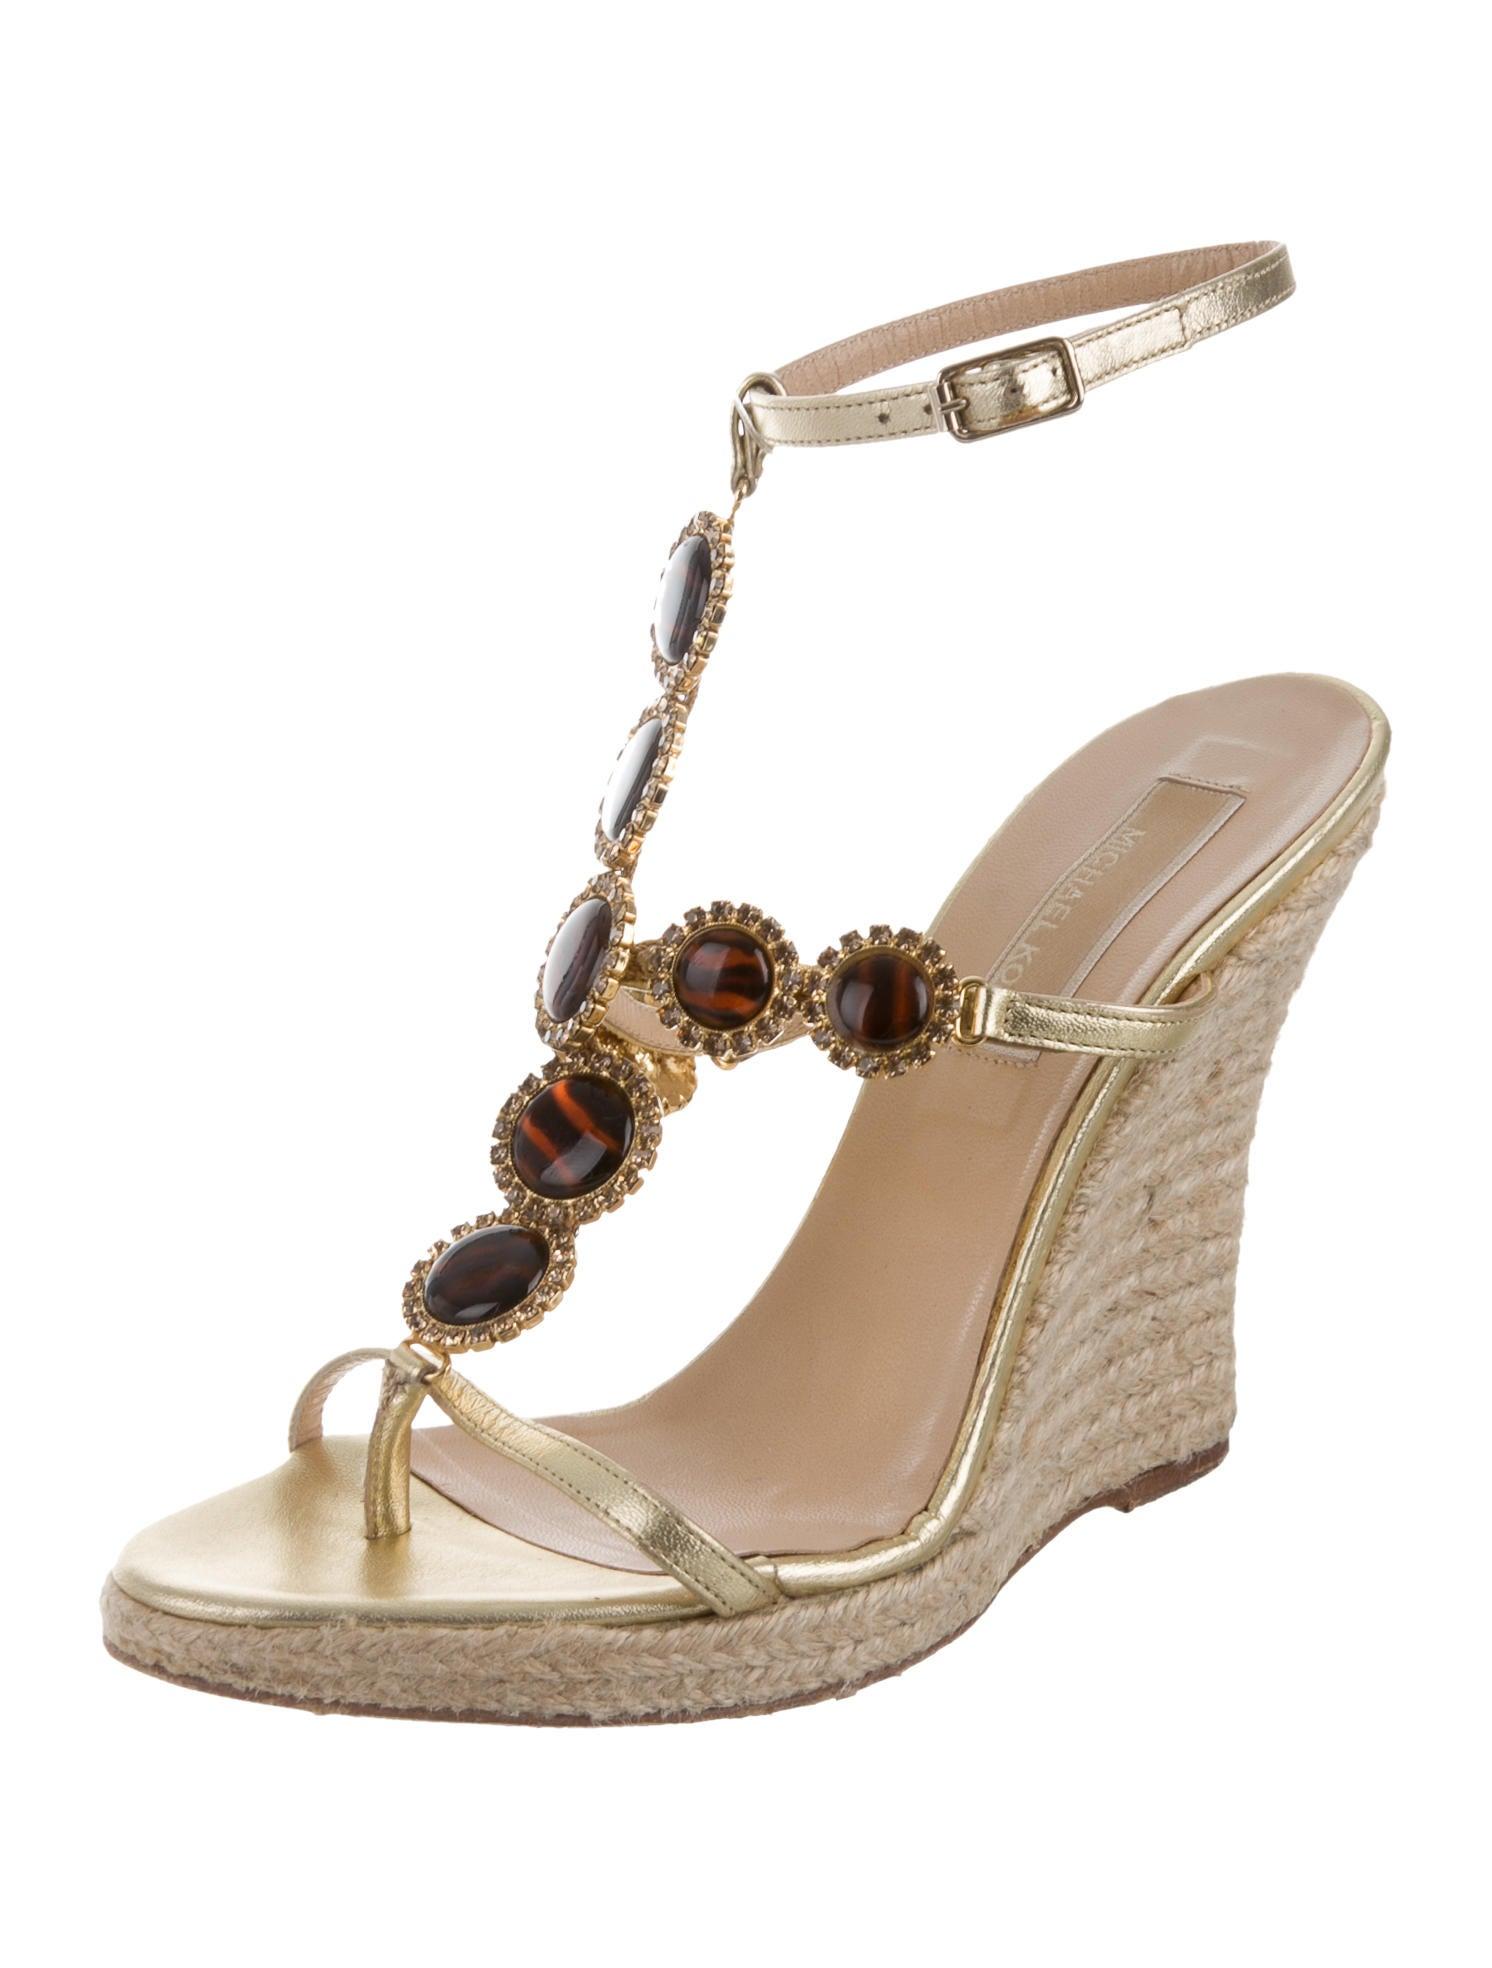 Michael Kors Shoes Wedges Sale